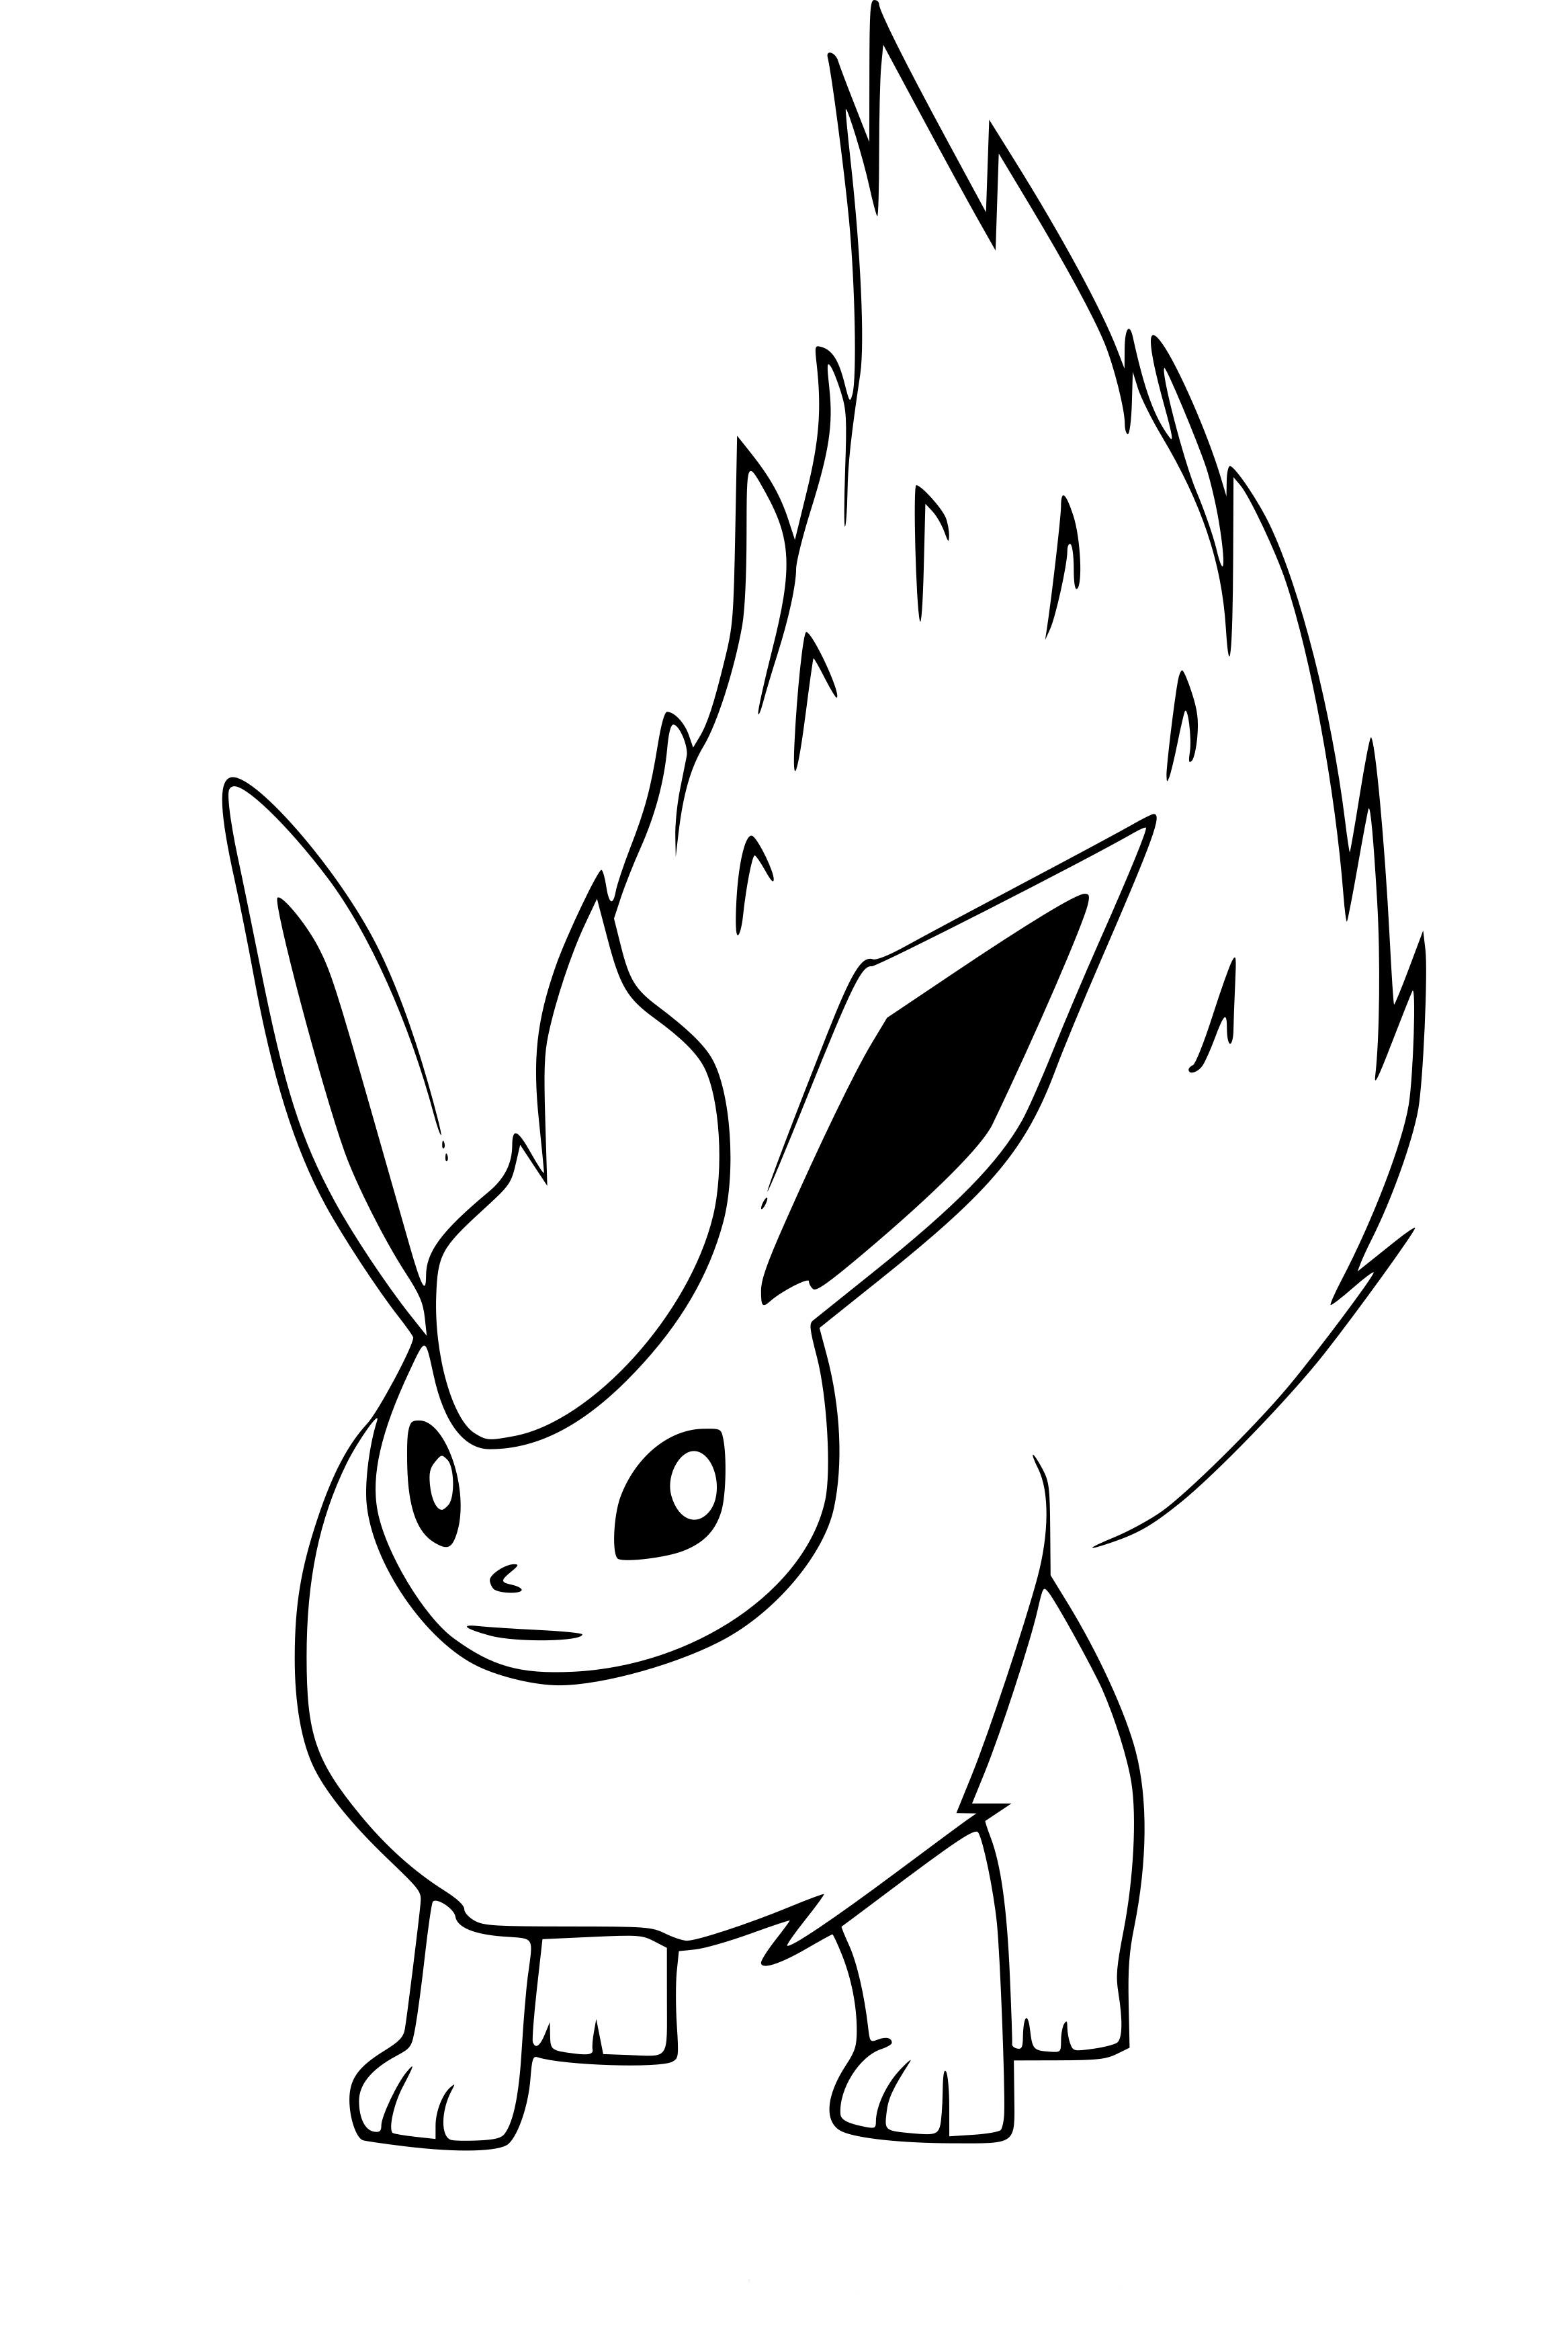 Coloriage Pyroli Pokemon Go À Imprimer Sur Coloriages tout Coloriage De Pokémon À Imprimer